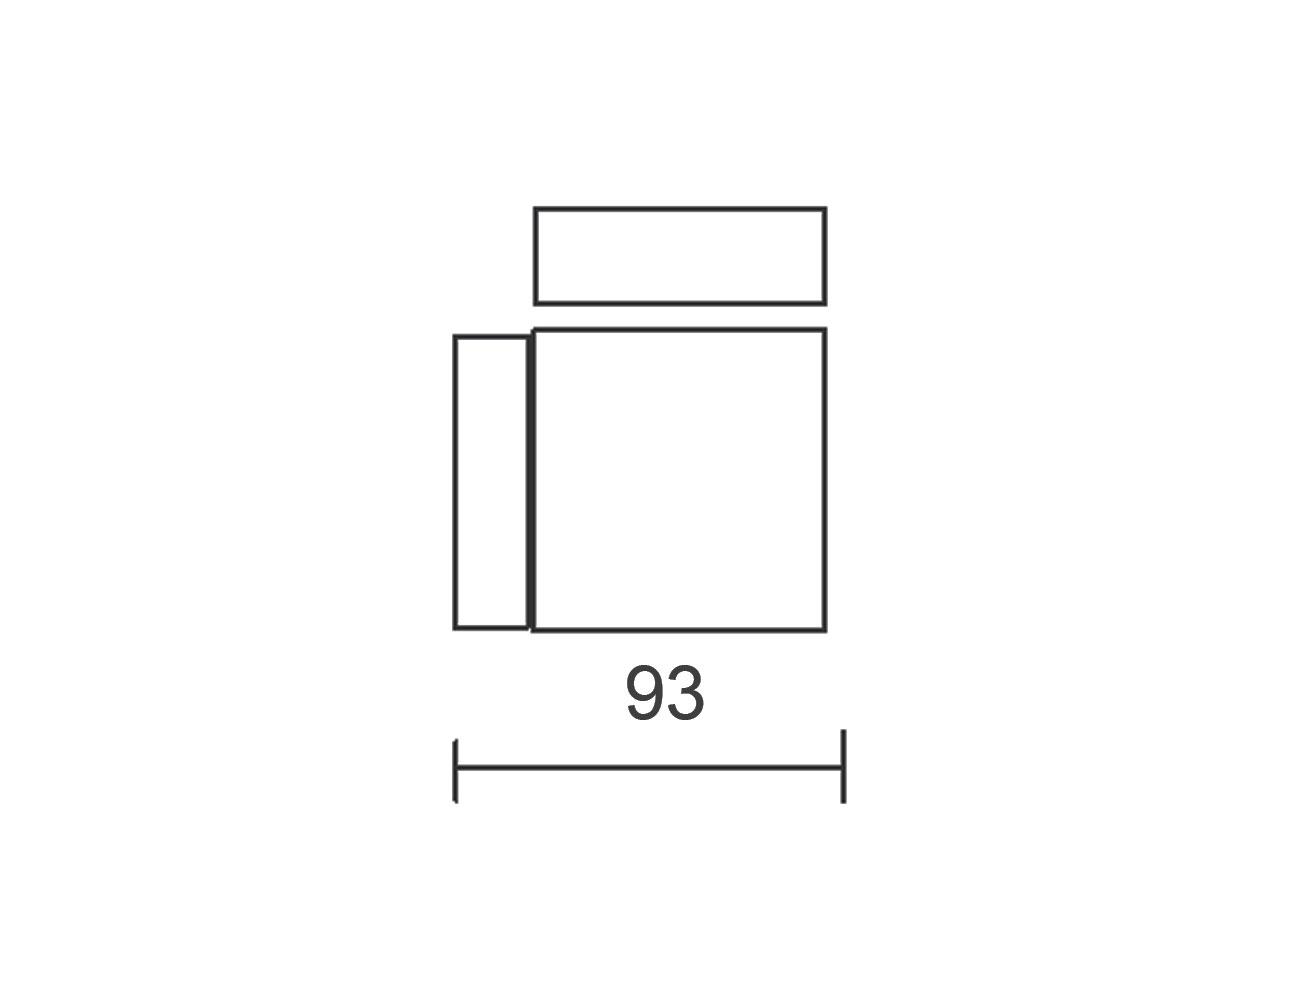 Modulo 934